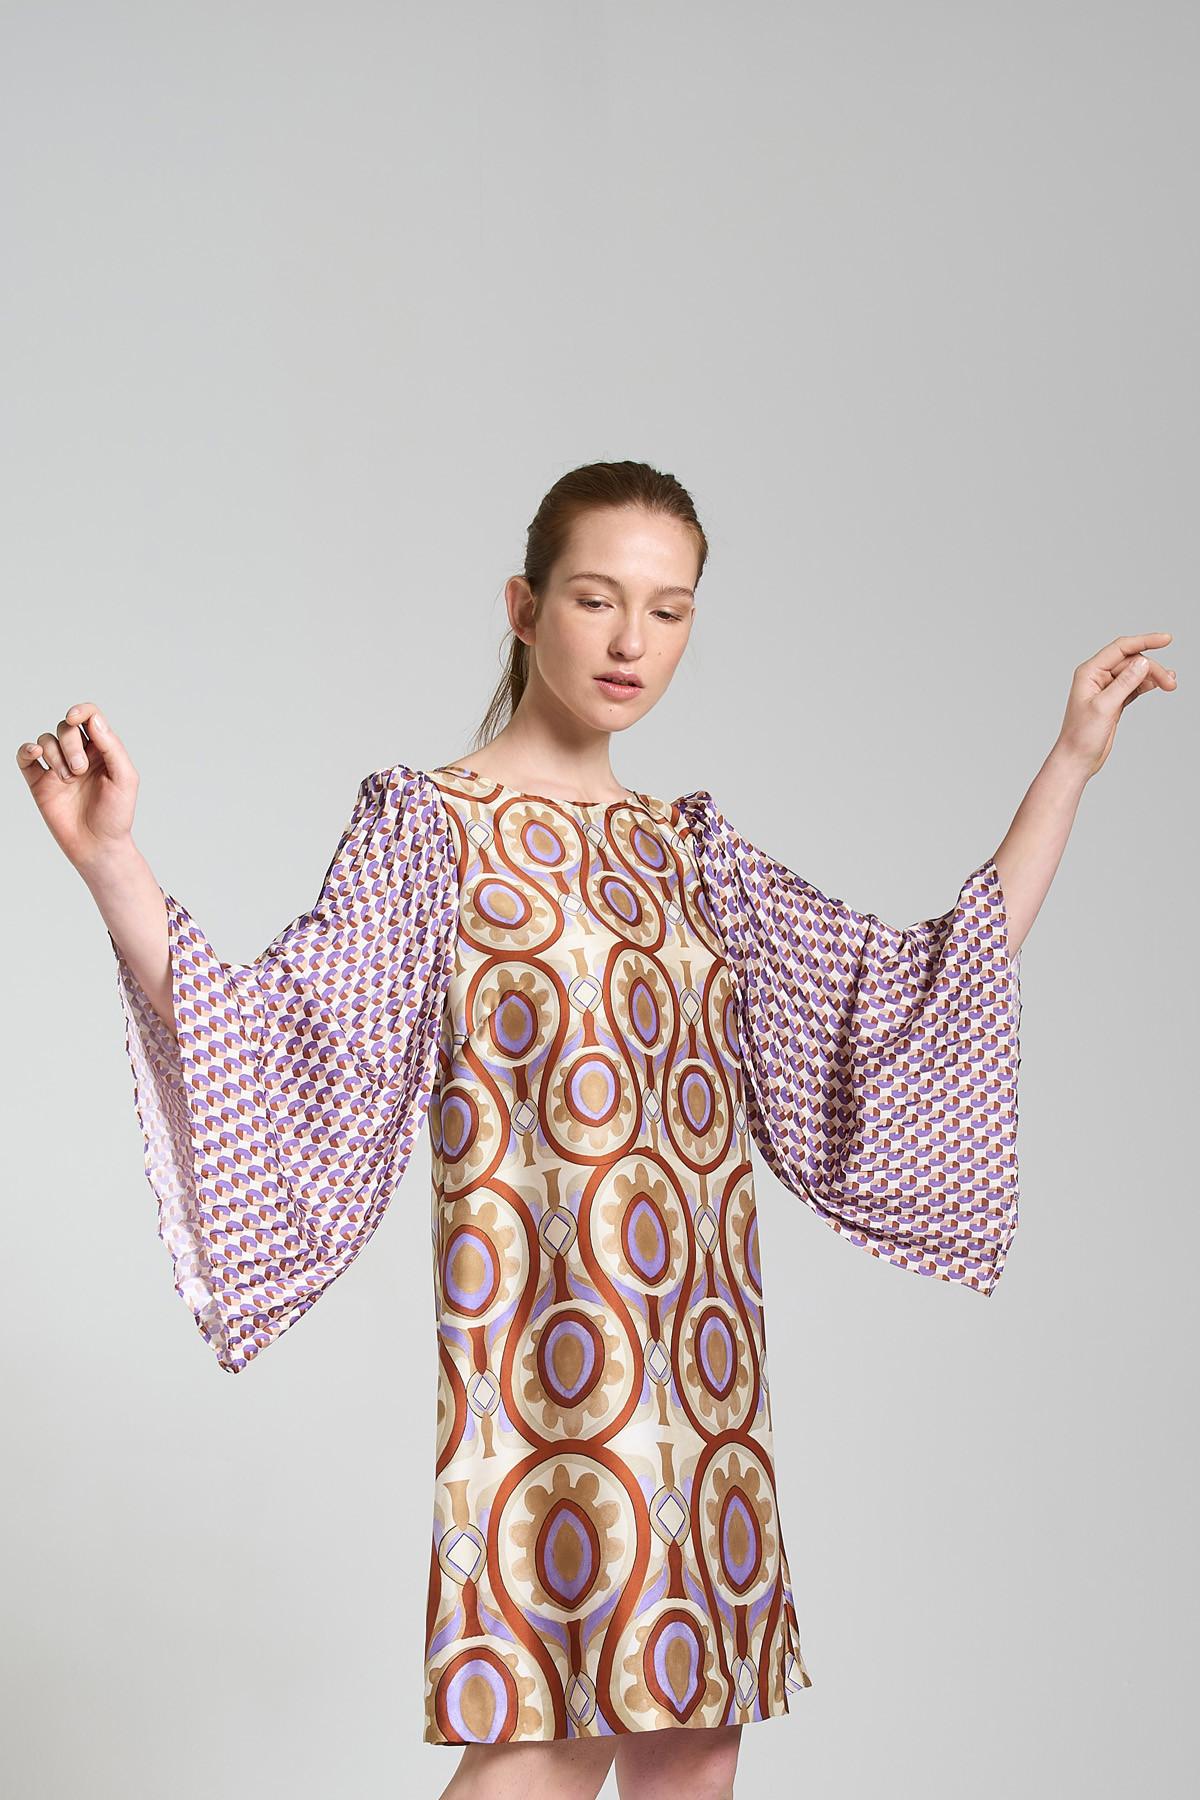 Abbigliamento Donna AbitoTwill Patch Stampato a Fantasia Beige con Maniche Plissè Maliparmi | Abiti | JF644560049B1229